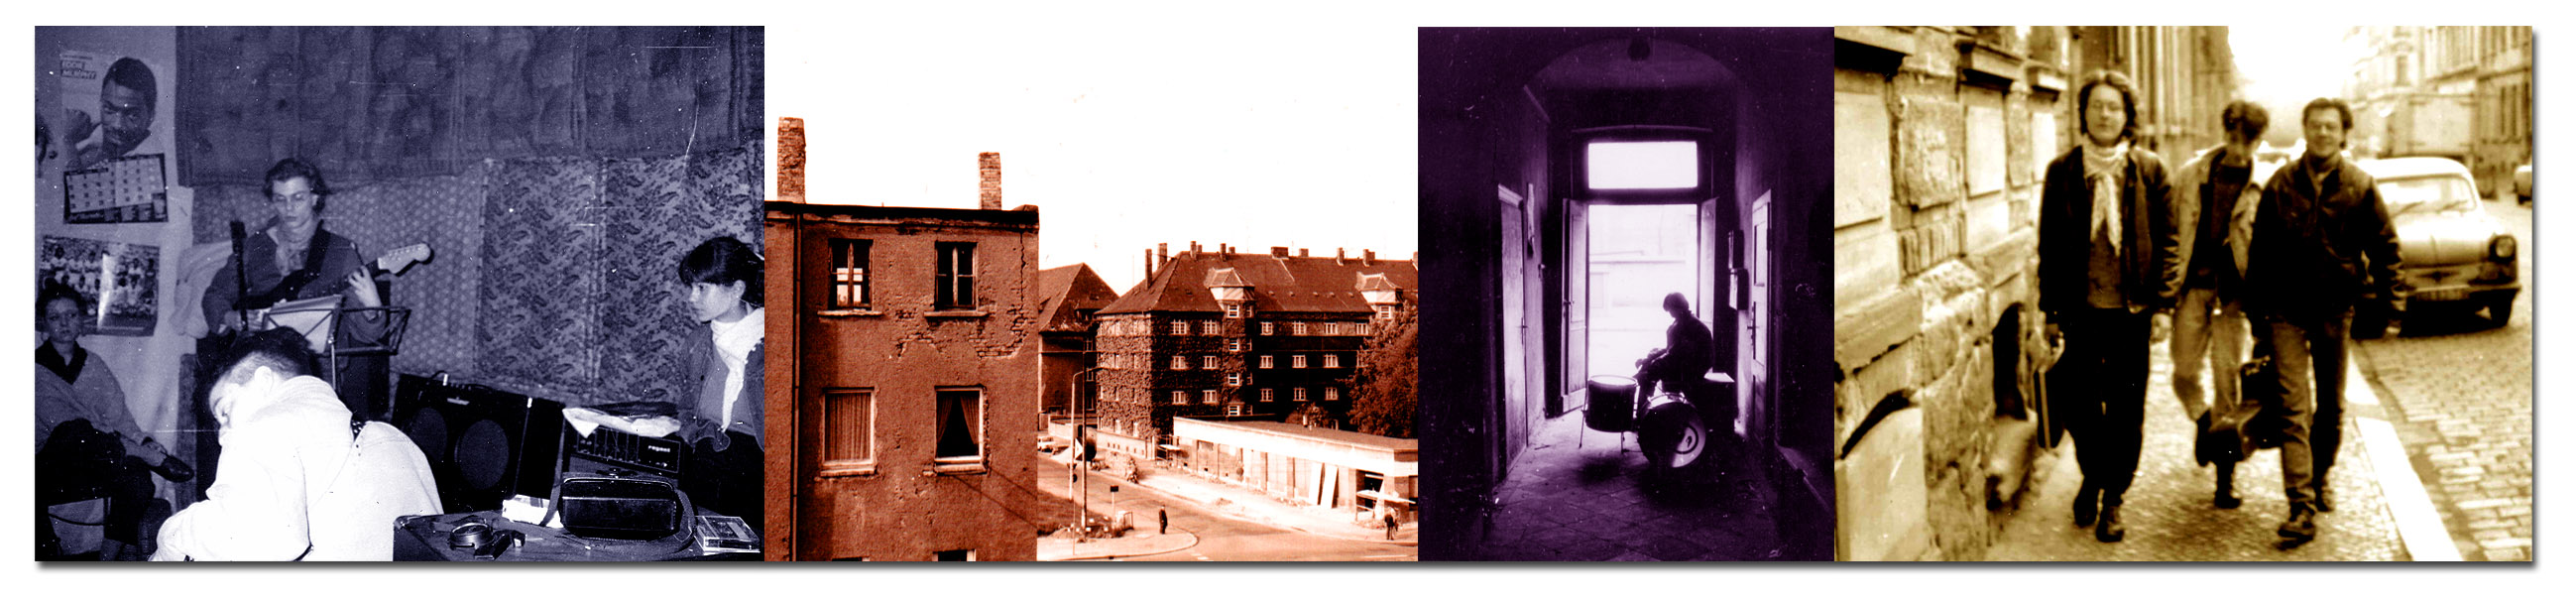 Bilderleiste kentonblau_03 kai reininghaus